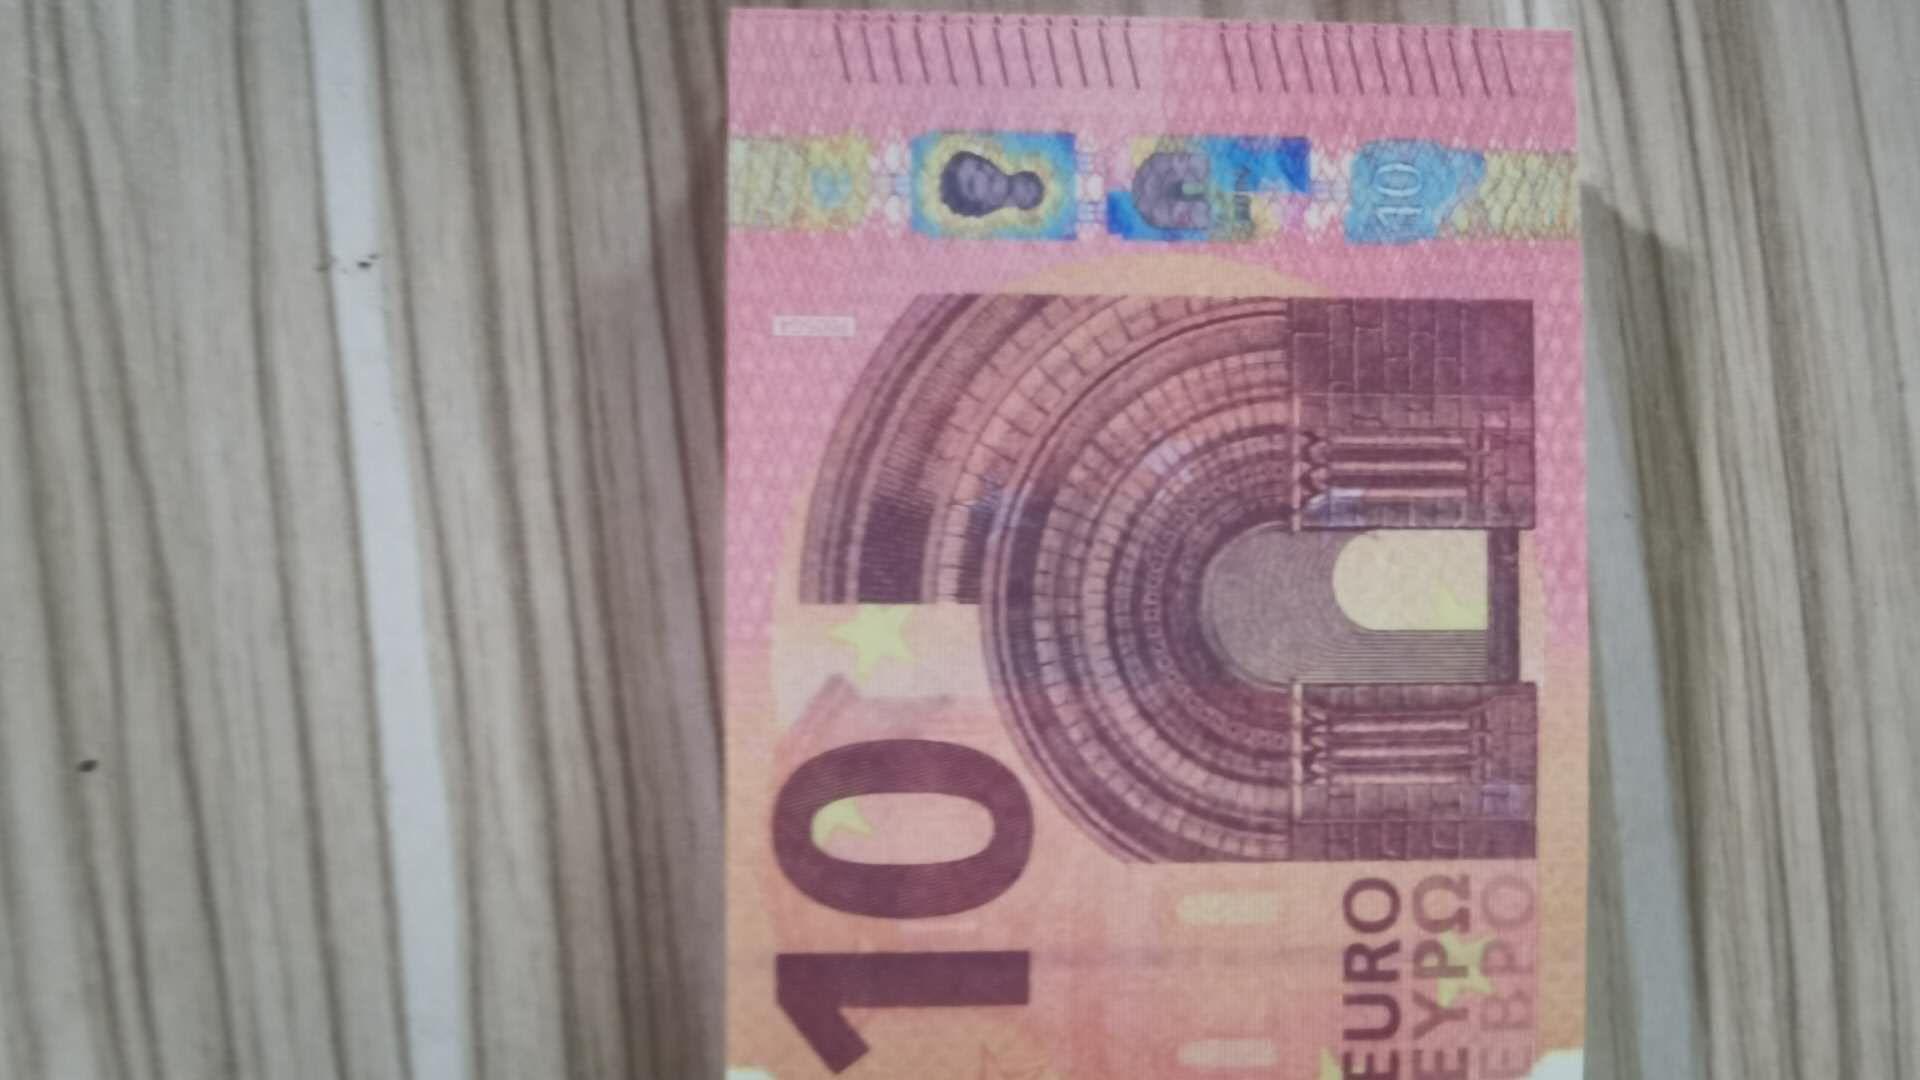 meilleur billet d'argent de faux billets de banque de la qualité du papier des billets prop Film 10 20 50 euro monnaie partie faux enfants argent cadeau jouet banknote163